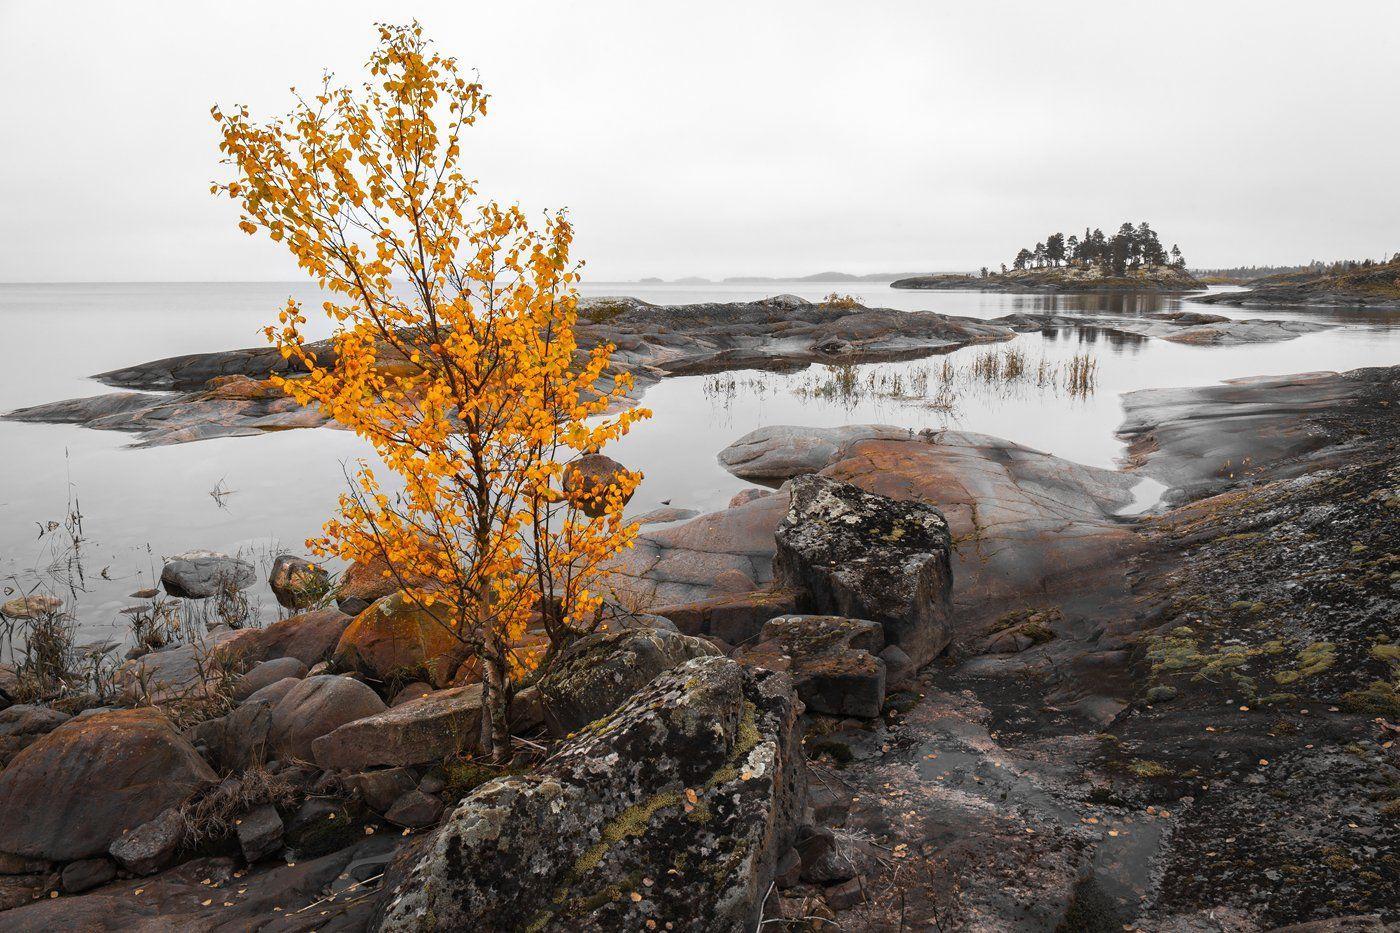 ладога, ладожское озеро, ладожские шхеры, карелия, осень, фототур, Арсений Кашкаров